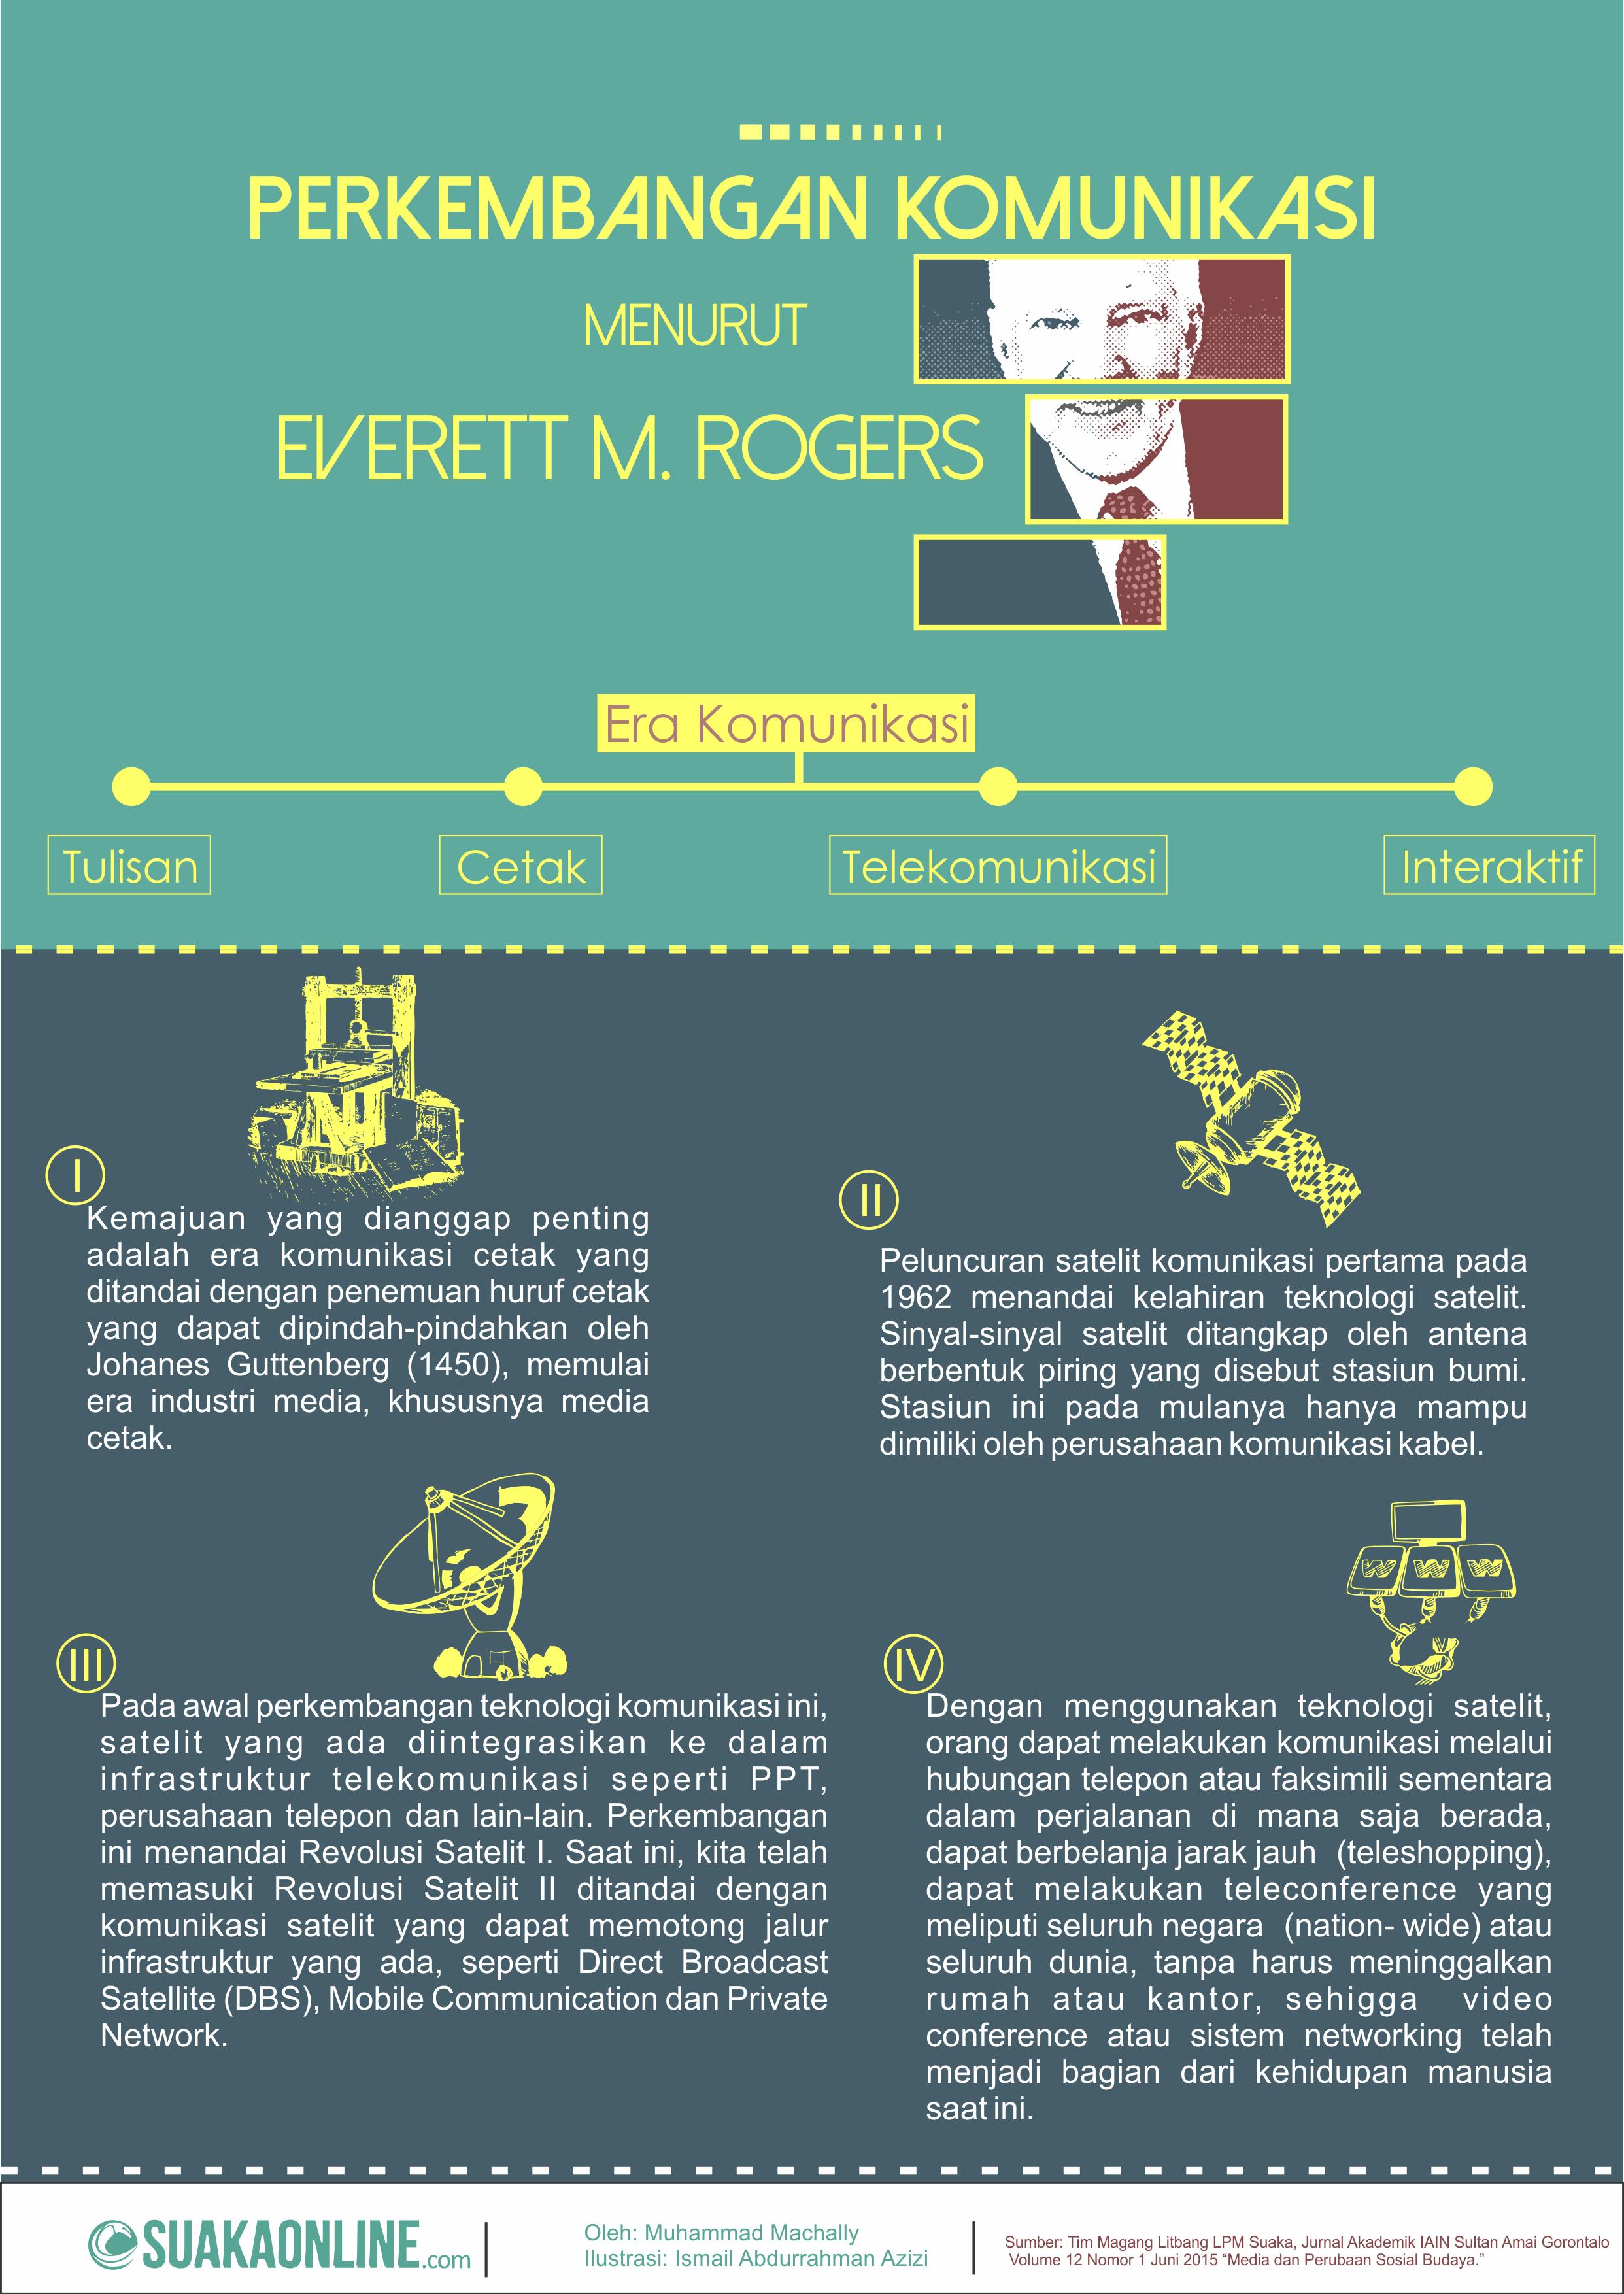 Infografik: Ismail Abdurrahman Azizi